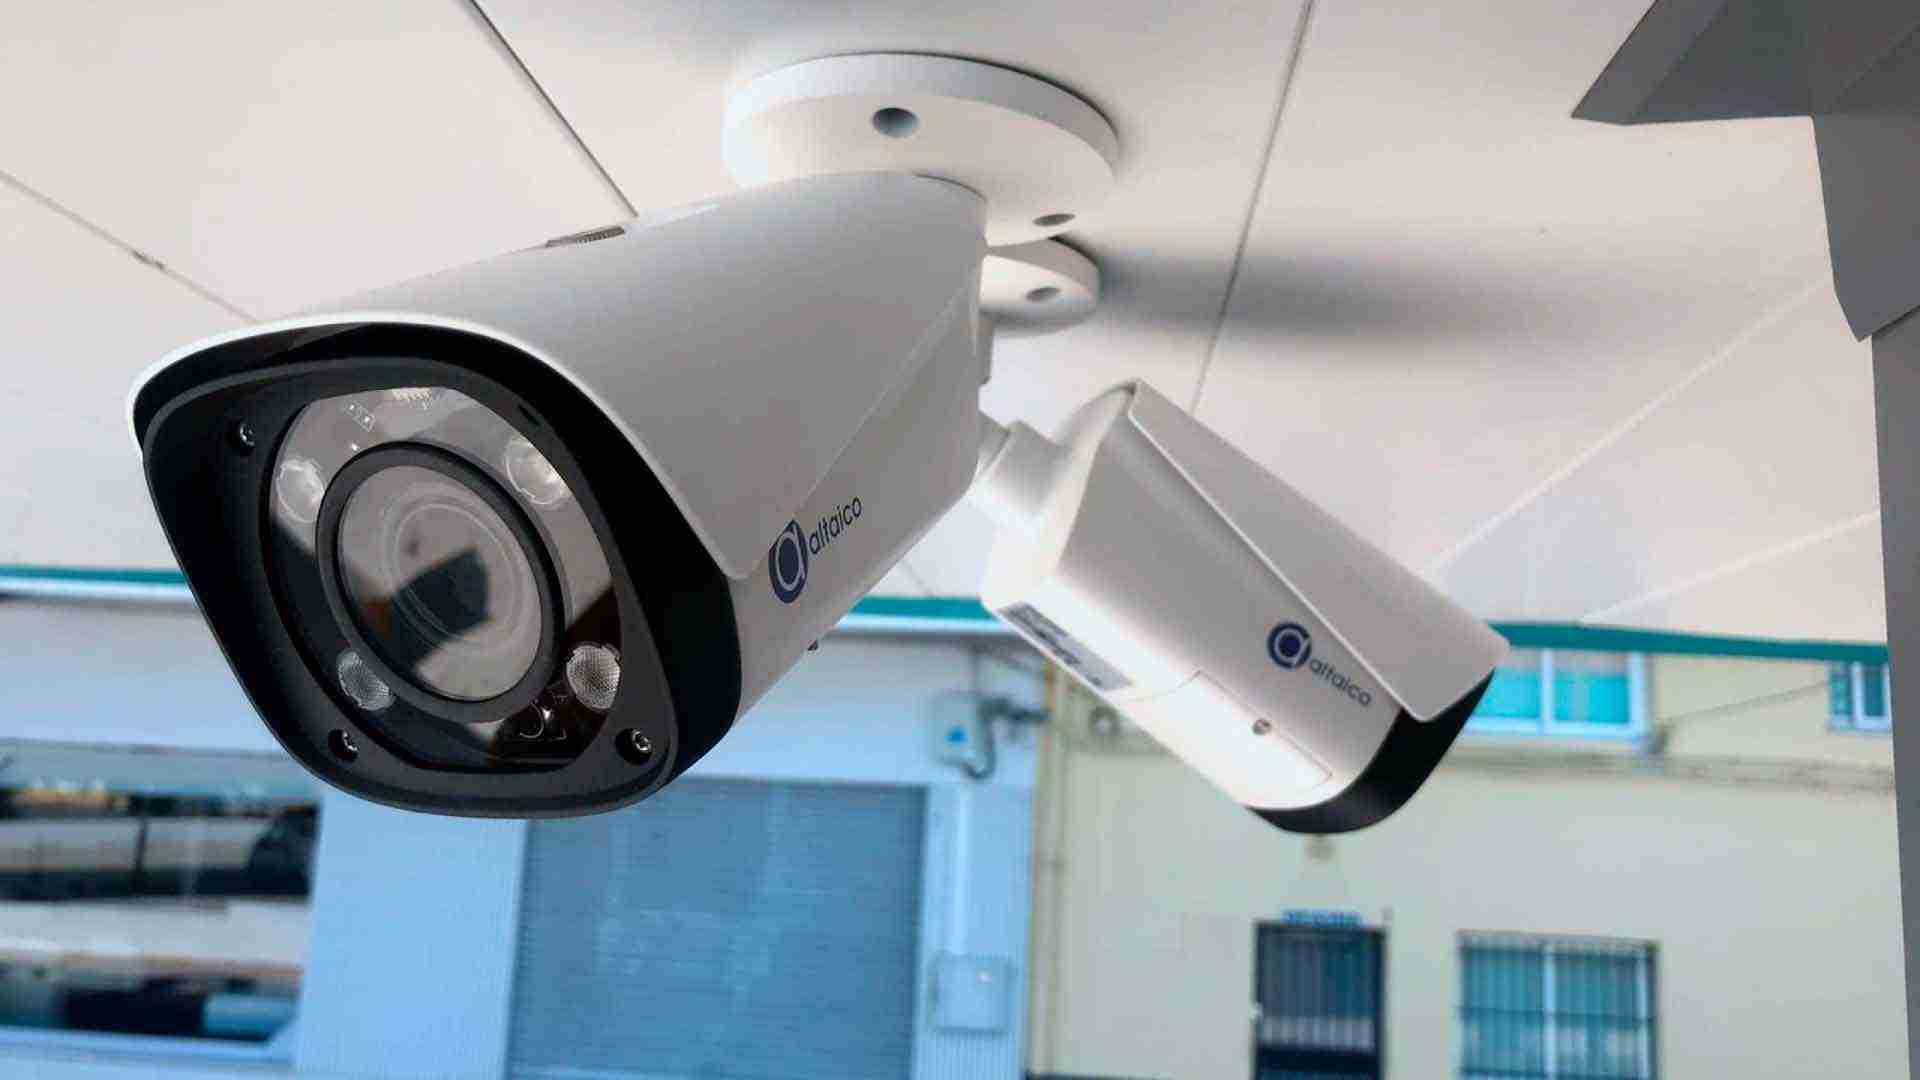 camaras-de-vigilancia-videovigilancia-cctv